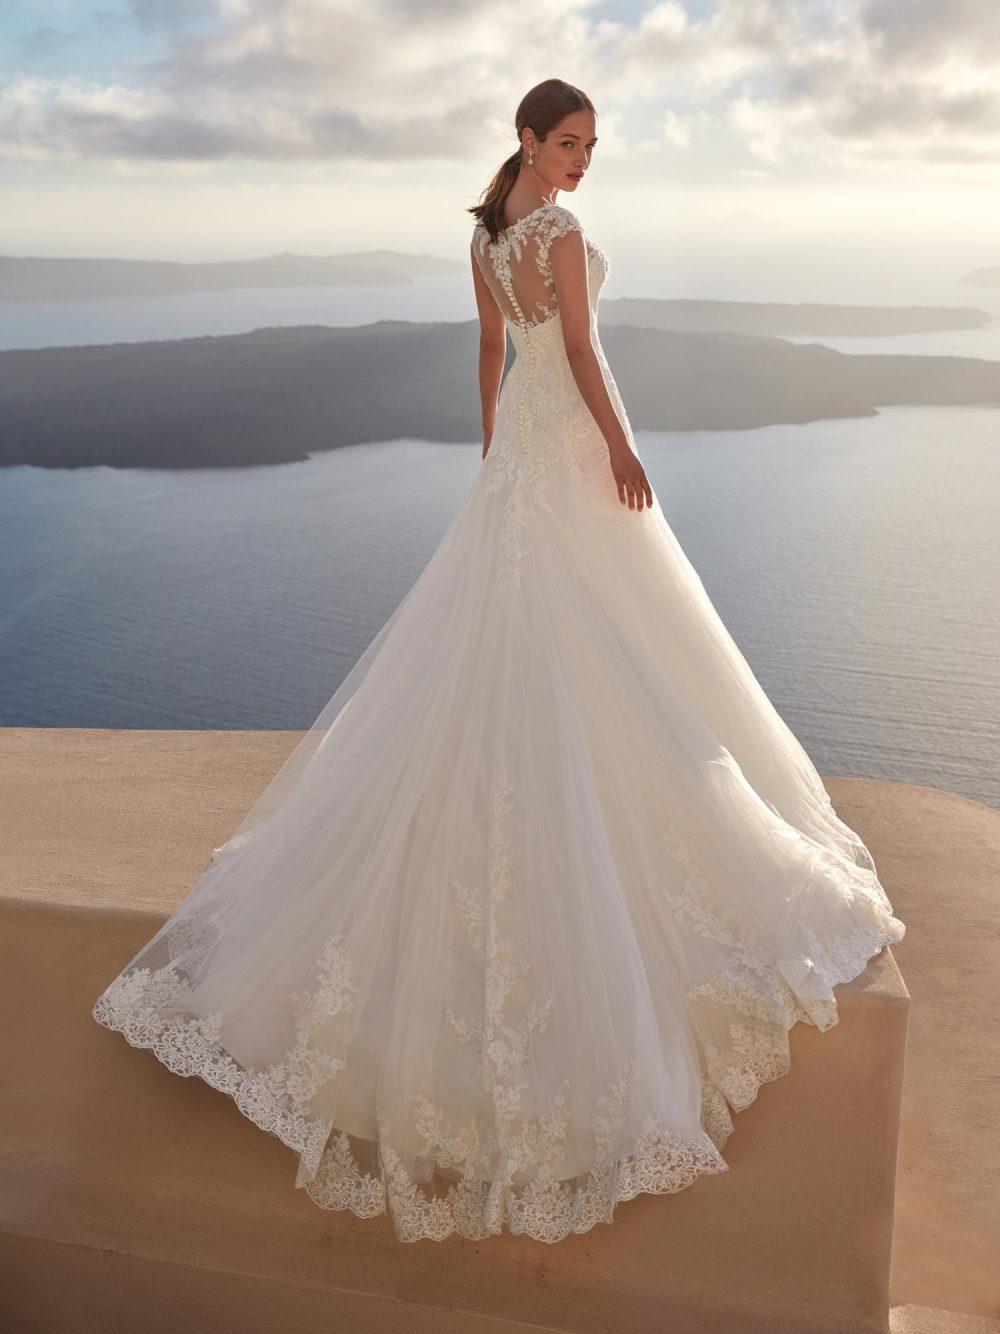 Jolies 2022 abito vestito sposa Vicenza GILI